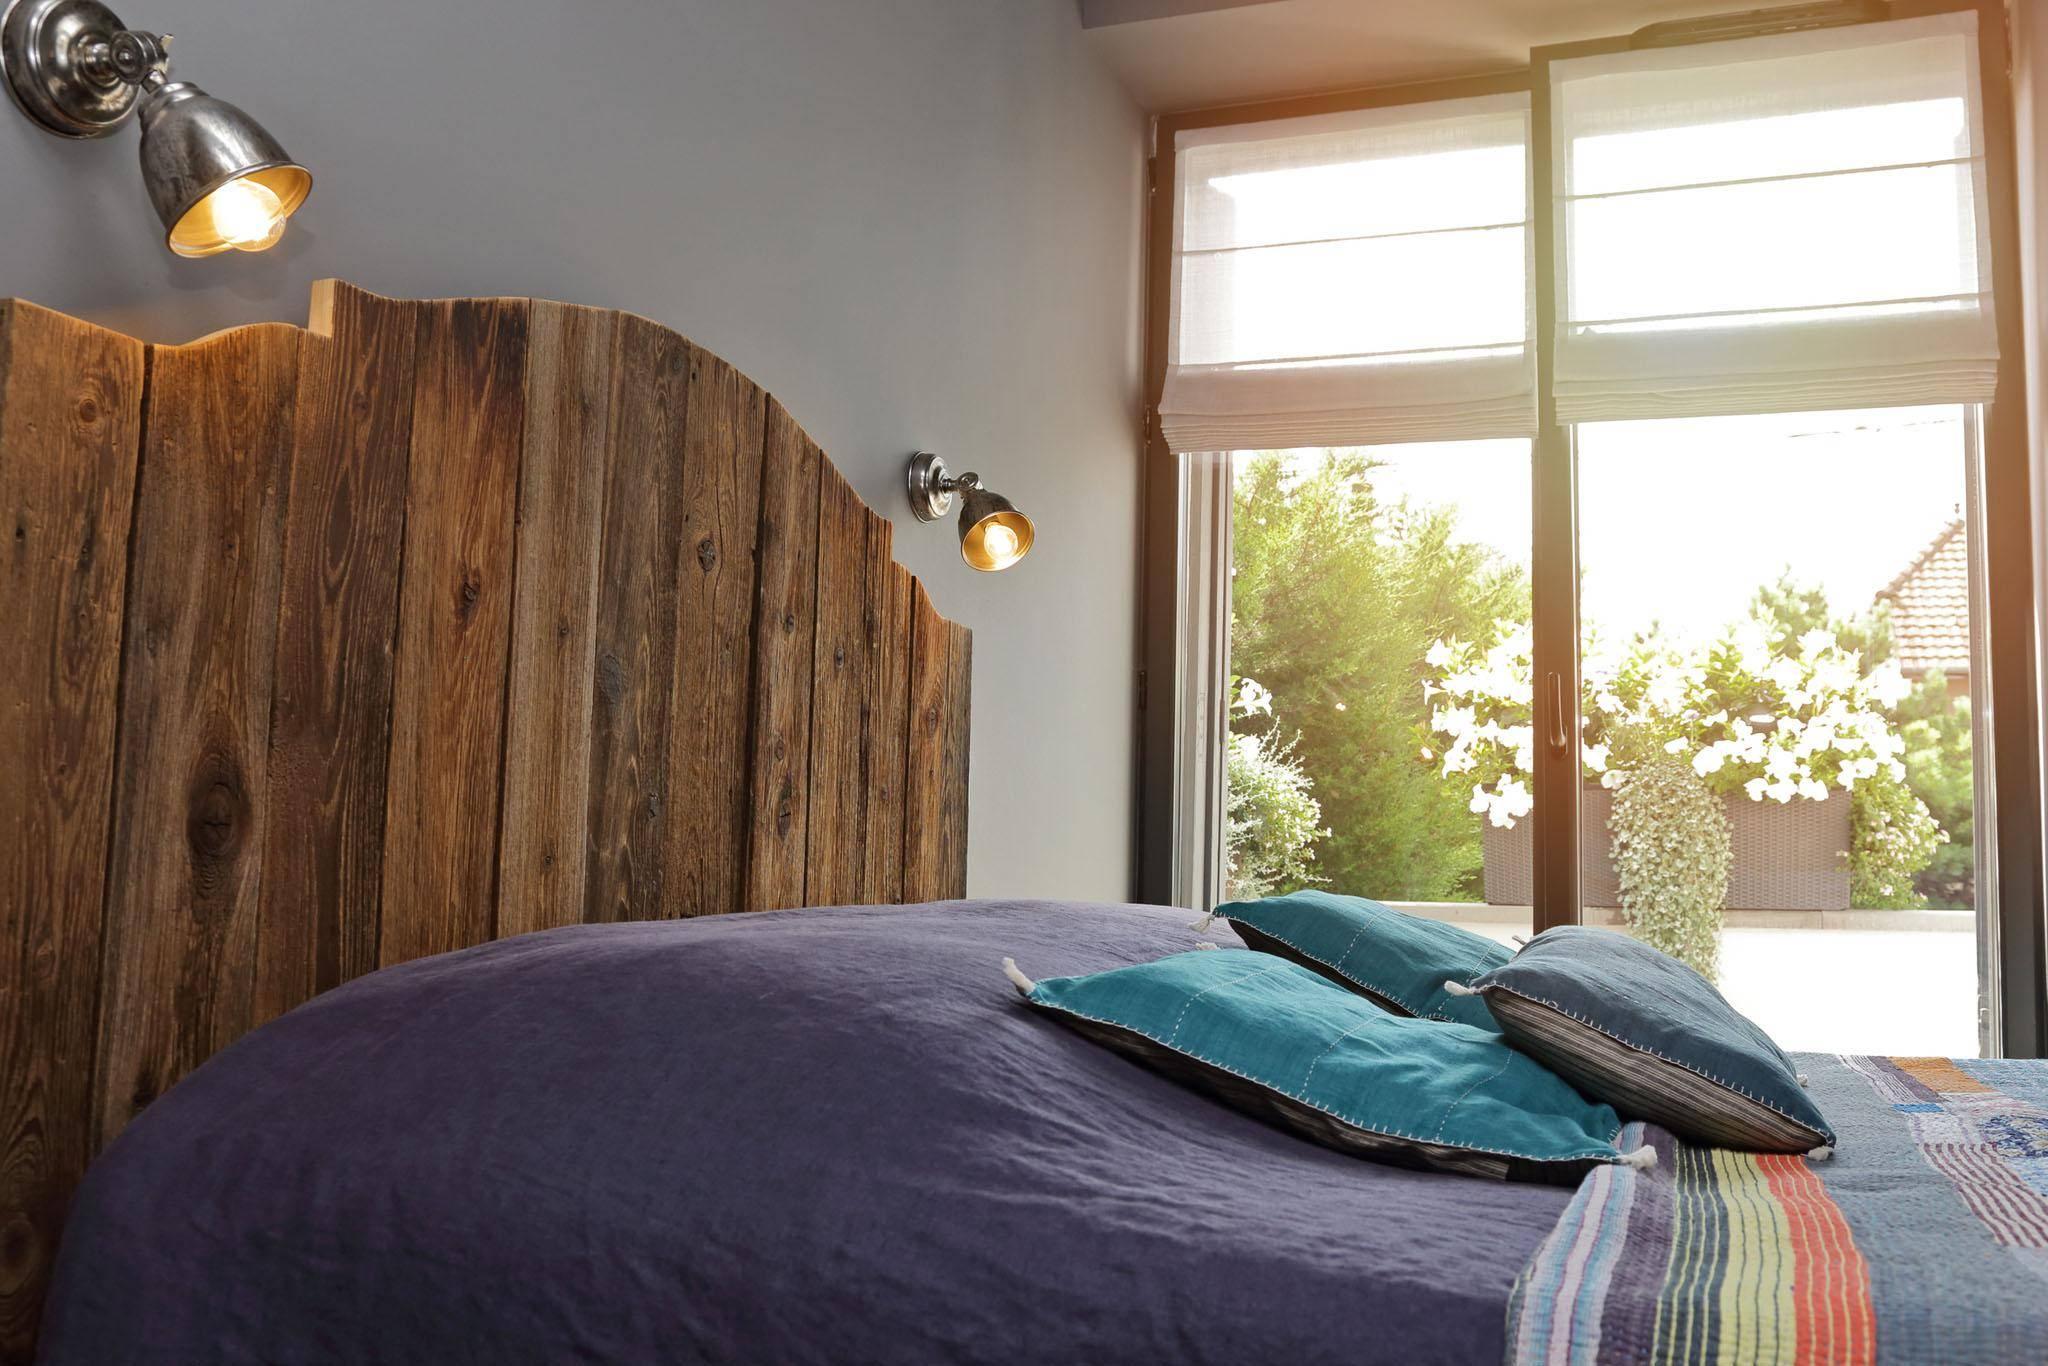 Fabriquer Un Lit En Bois quelles matières choisir pour une tête de lit ?